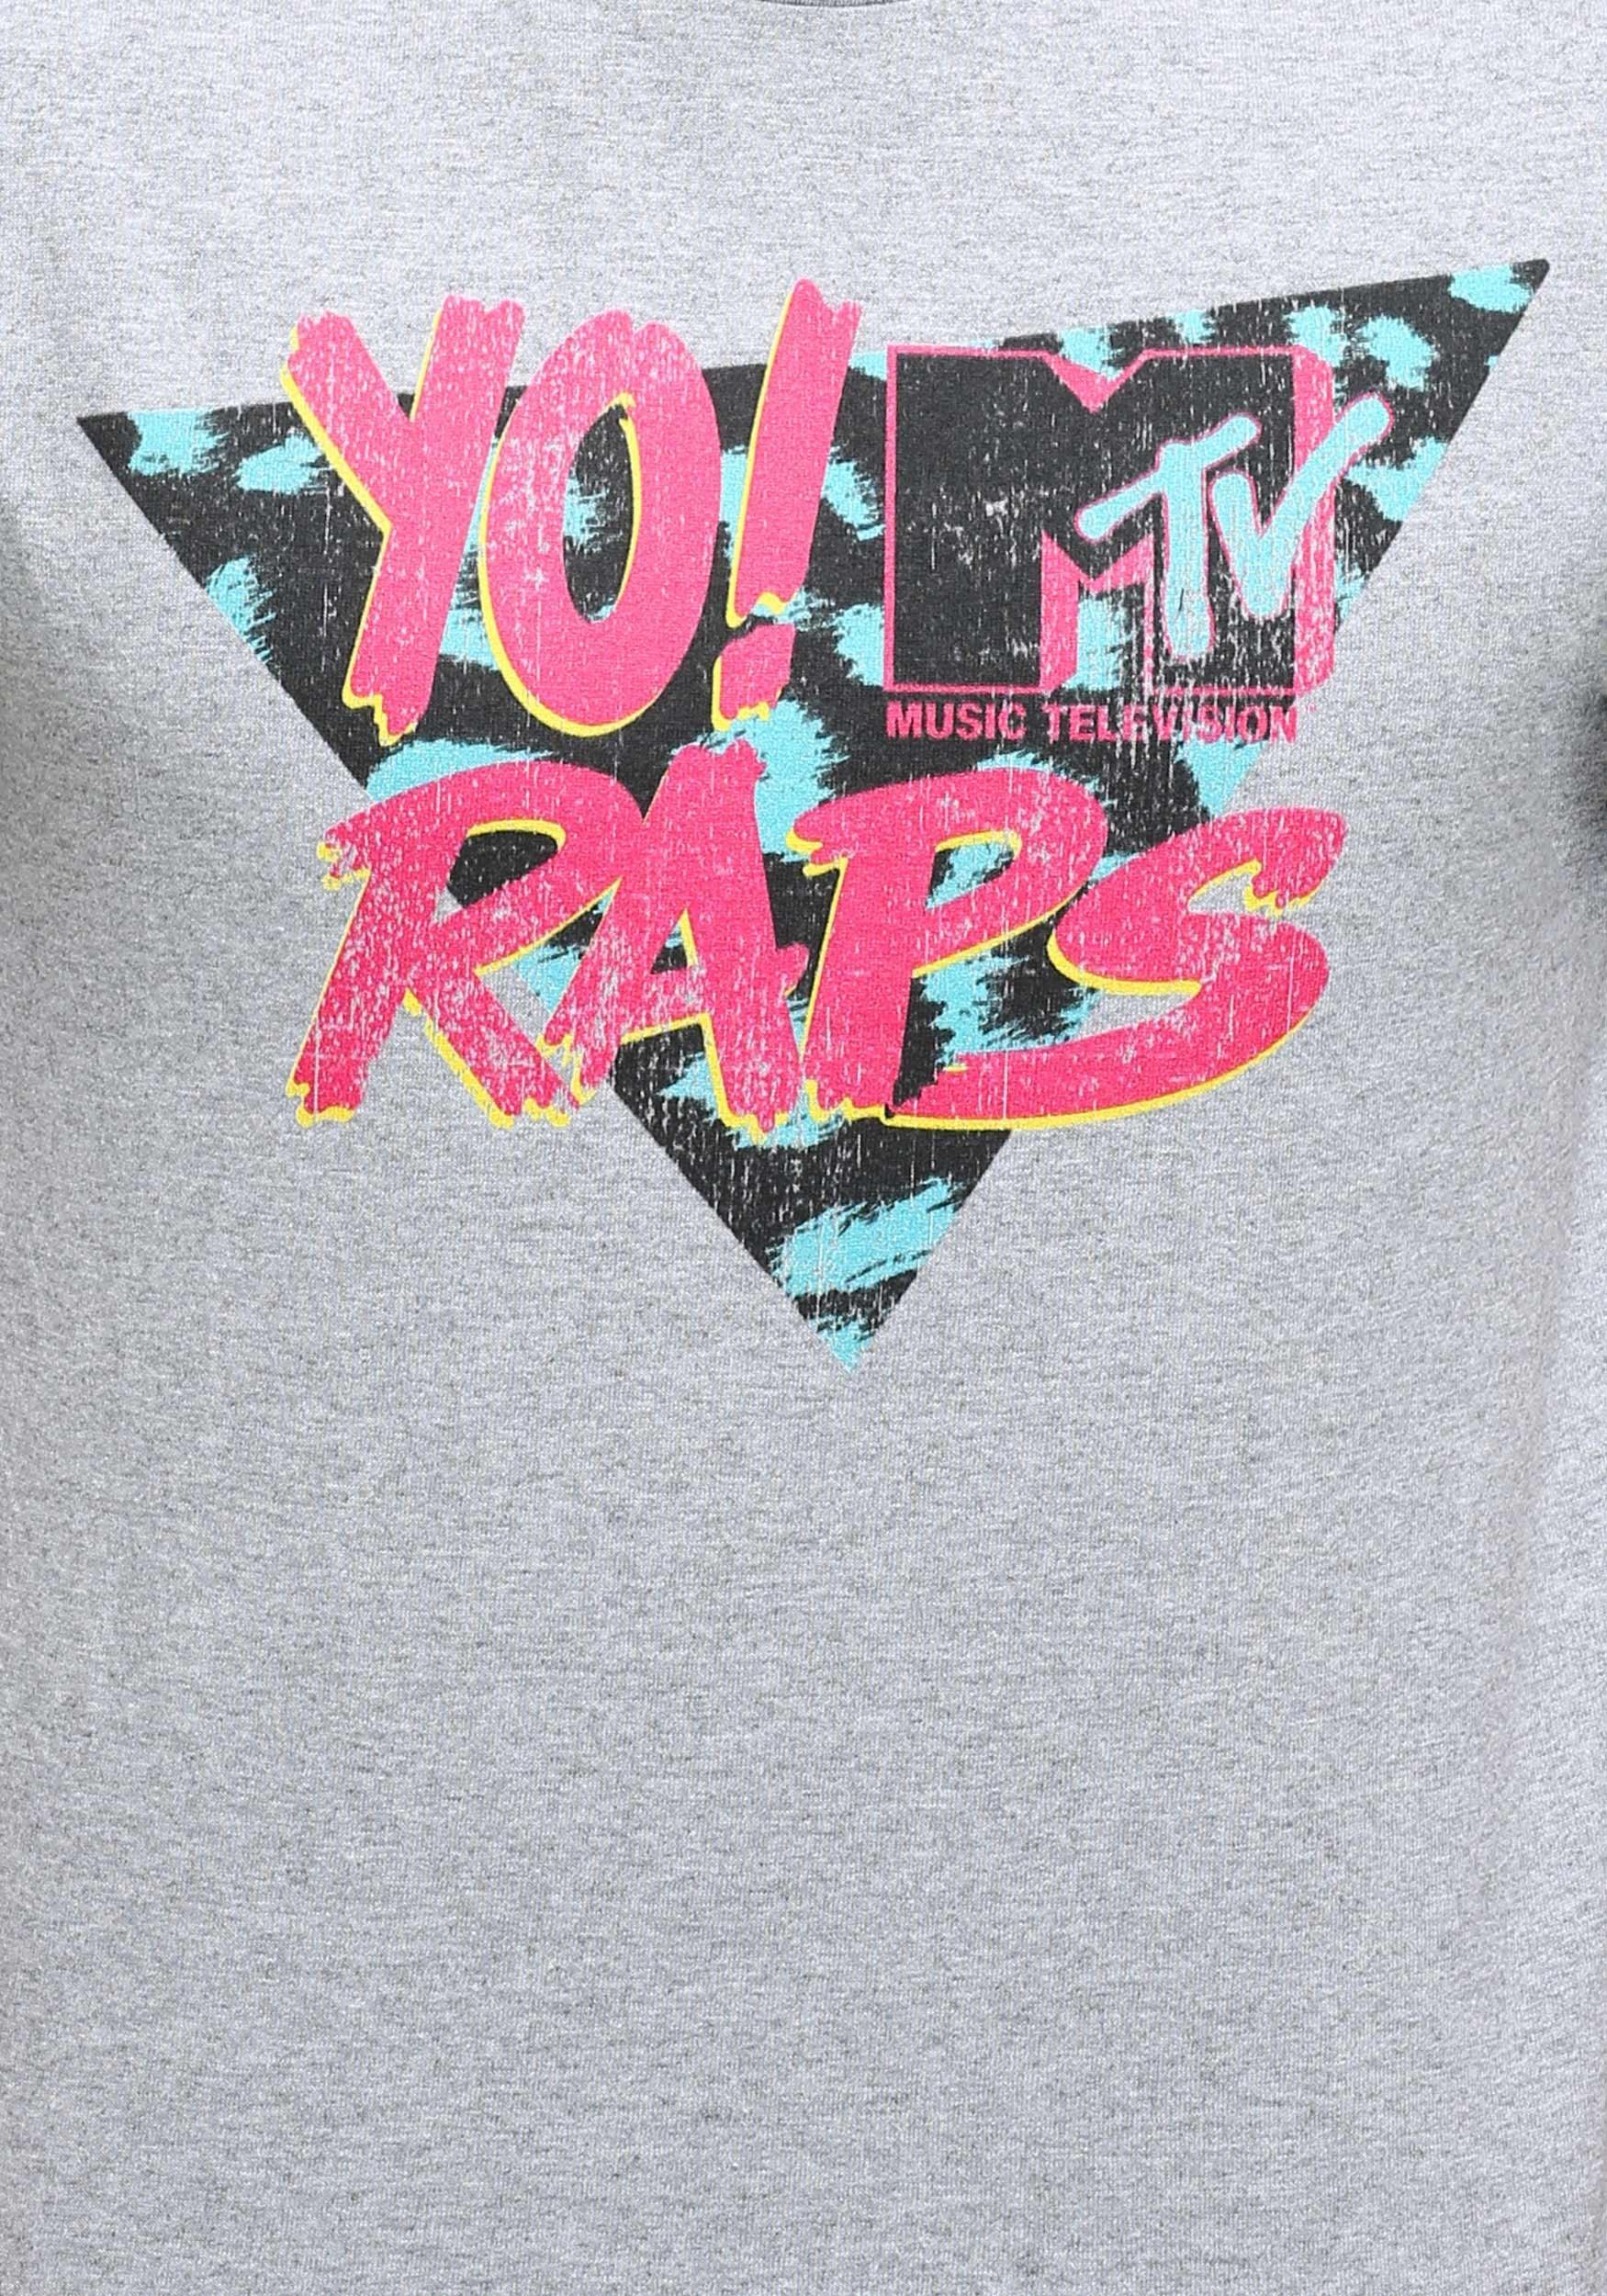 620d5ece0 Yo MTV Raps T-Shirt2. Yo MTV Raps T-Shirt